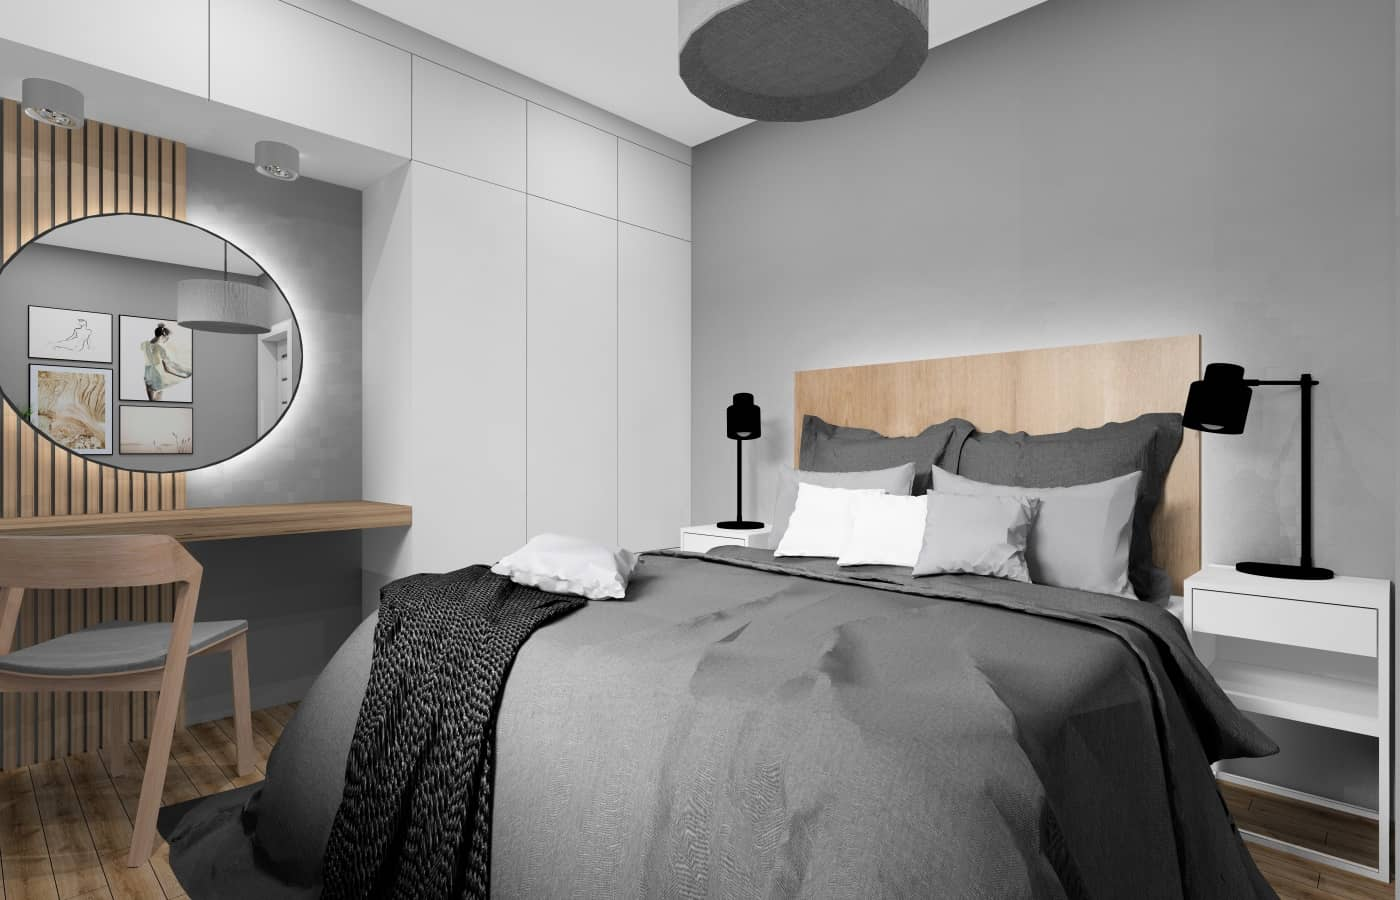 Sypialnia urządzona w stylu skandynawskim , toaleta, lustro okrągłe podświetlane, panele drewnia, łózko drewniane, szare ściany, szafa biała z płyt laminowanej